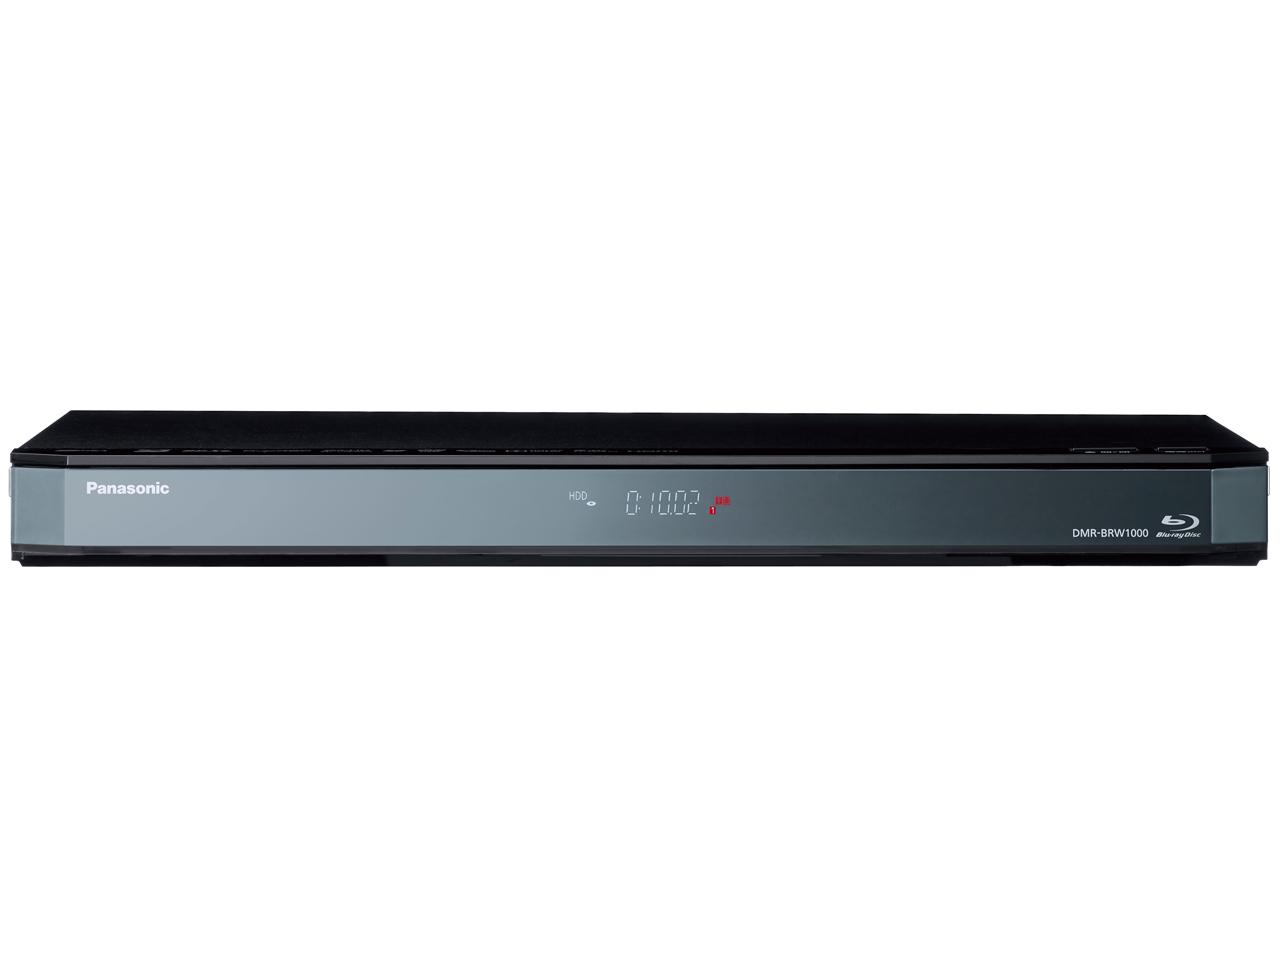 パナソニック 1TB 3DHDDハイビジョンブルーレイレコーダー DMR-BRW1010